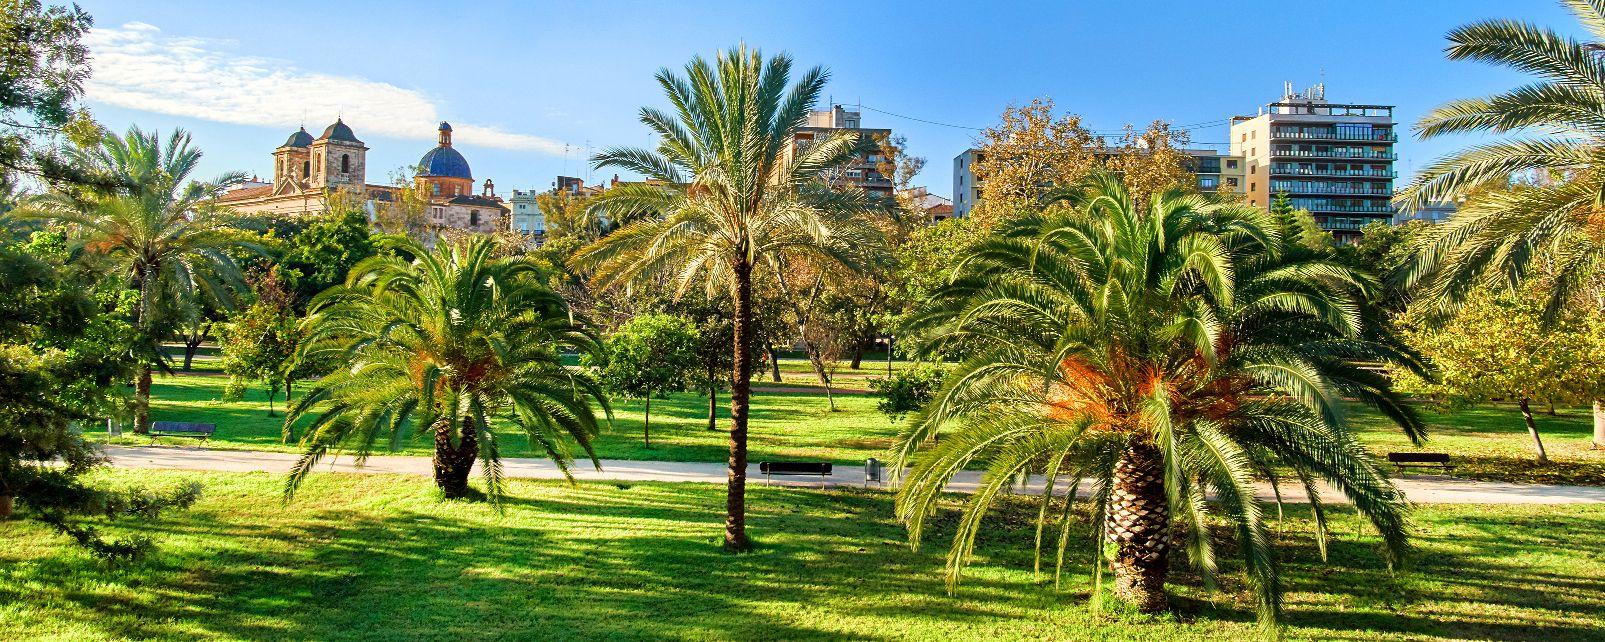 Les jardins de la turia gemeinschaft valencia spanien for Hotel nh jardines del turia